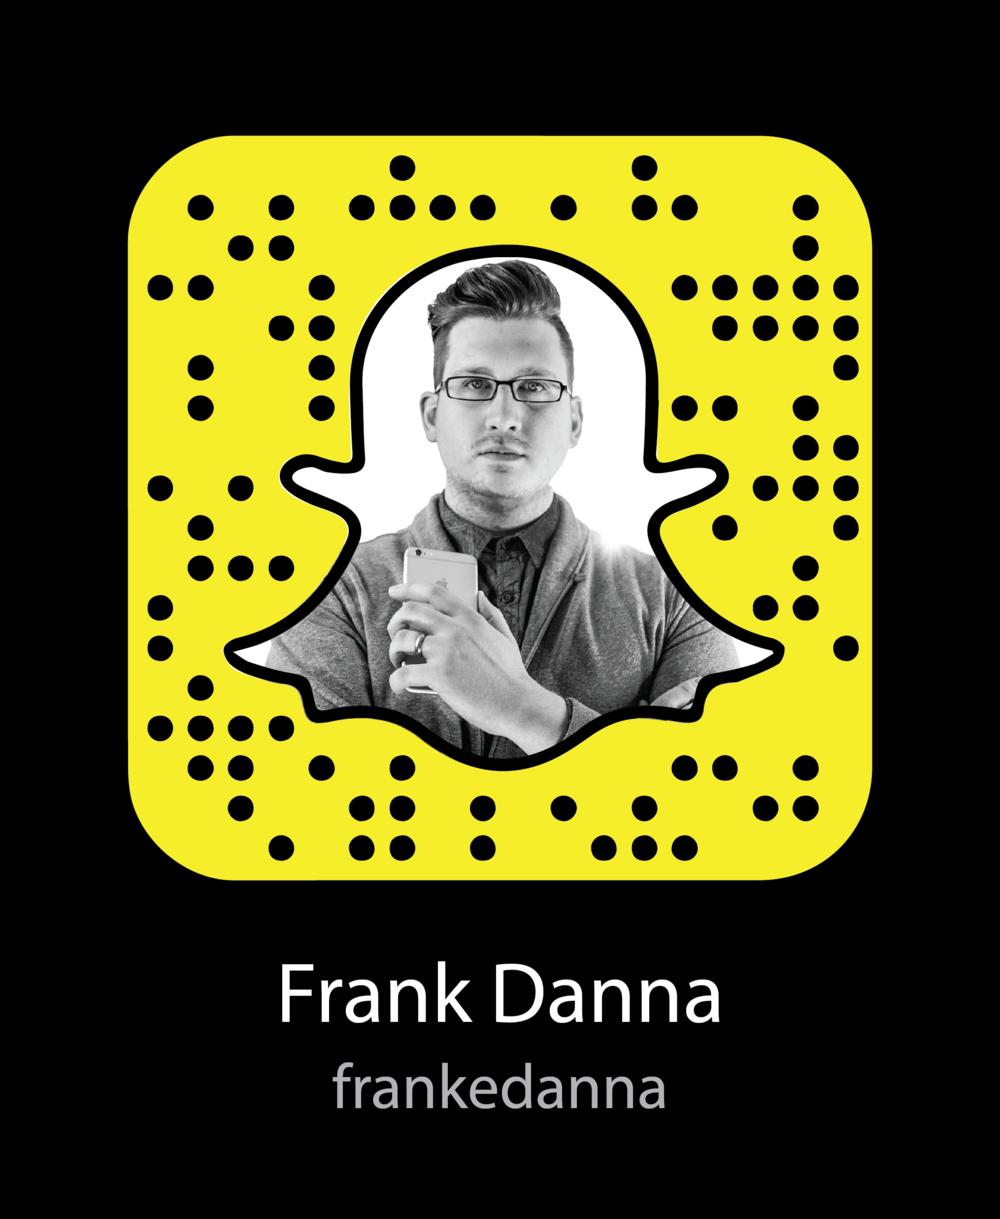 frank-danna-storytellers-snapchat-snapcode.png